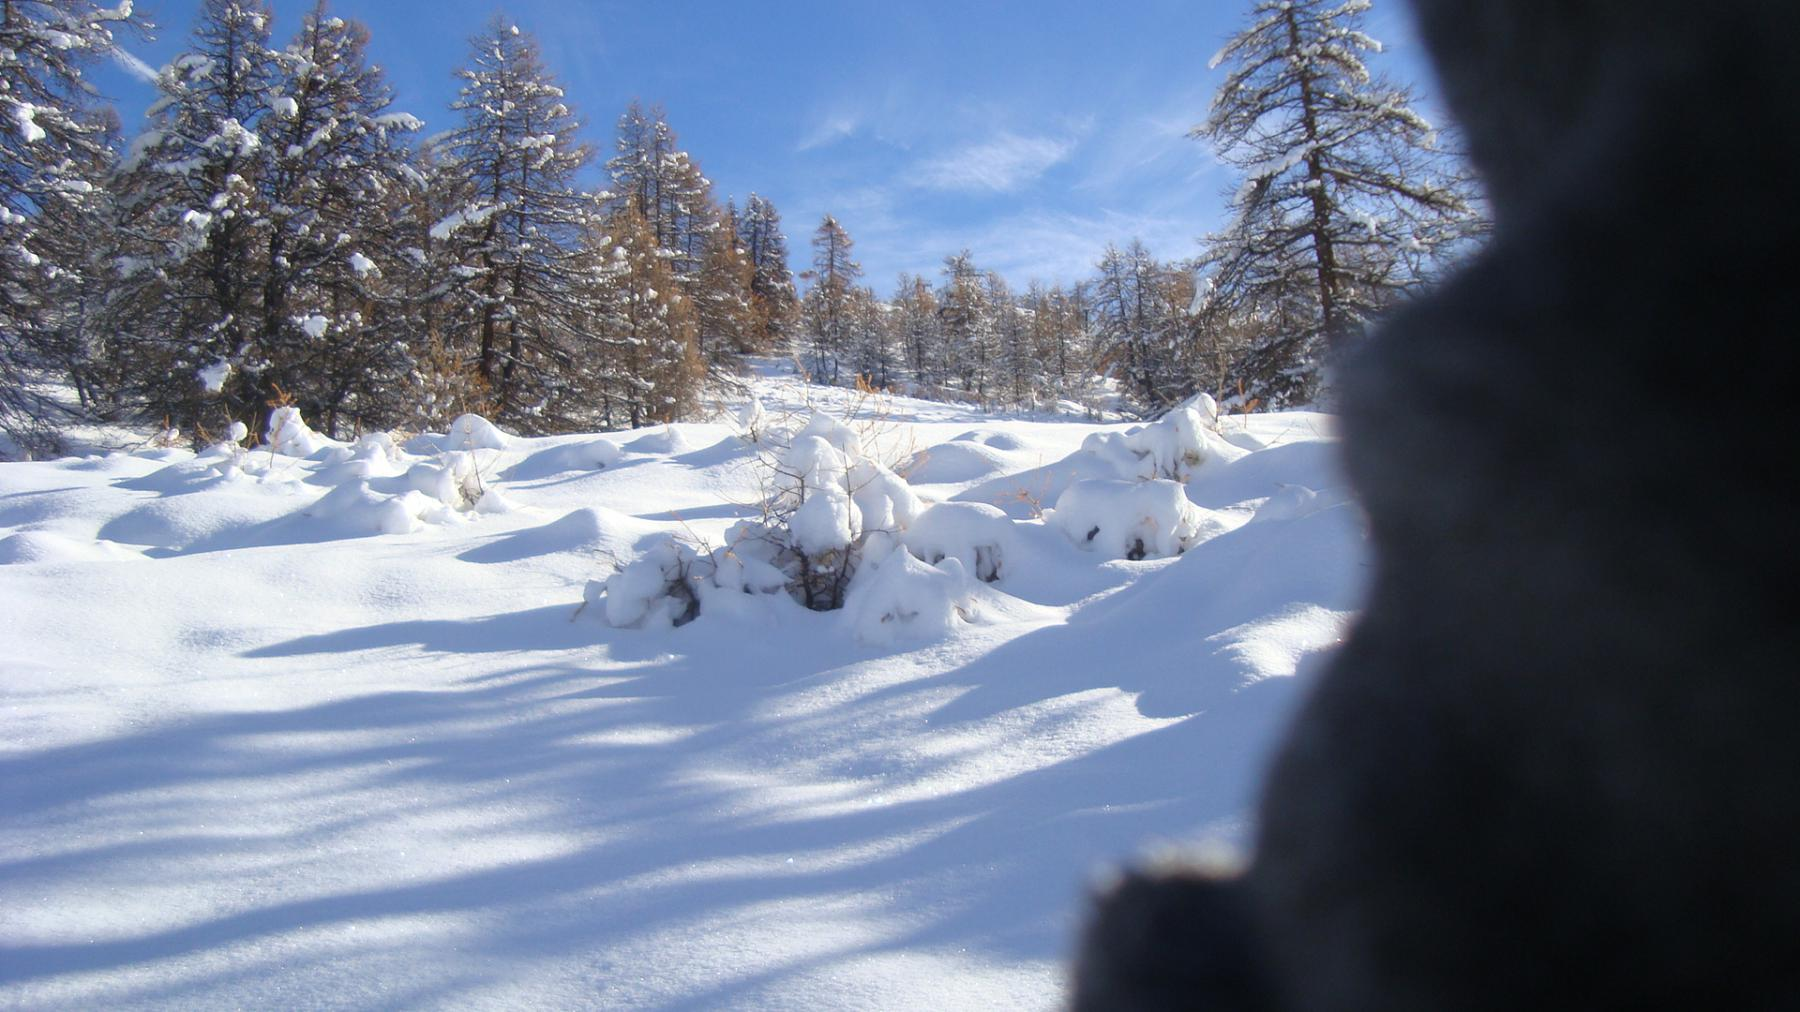 viva la neve